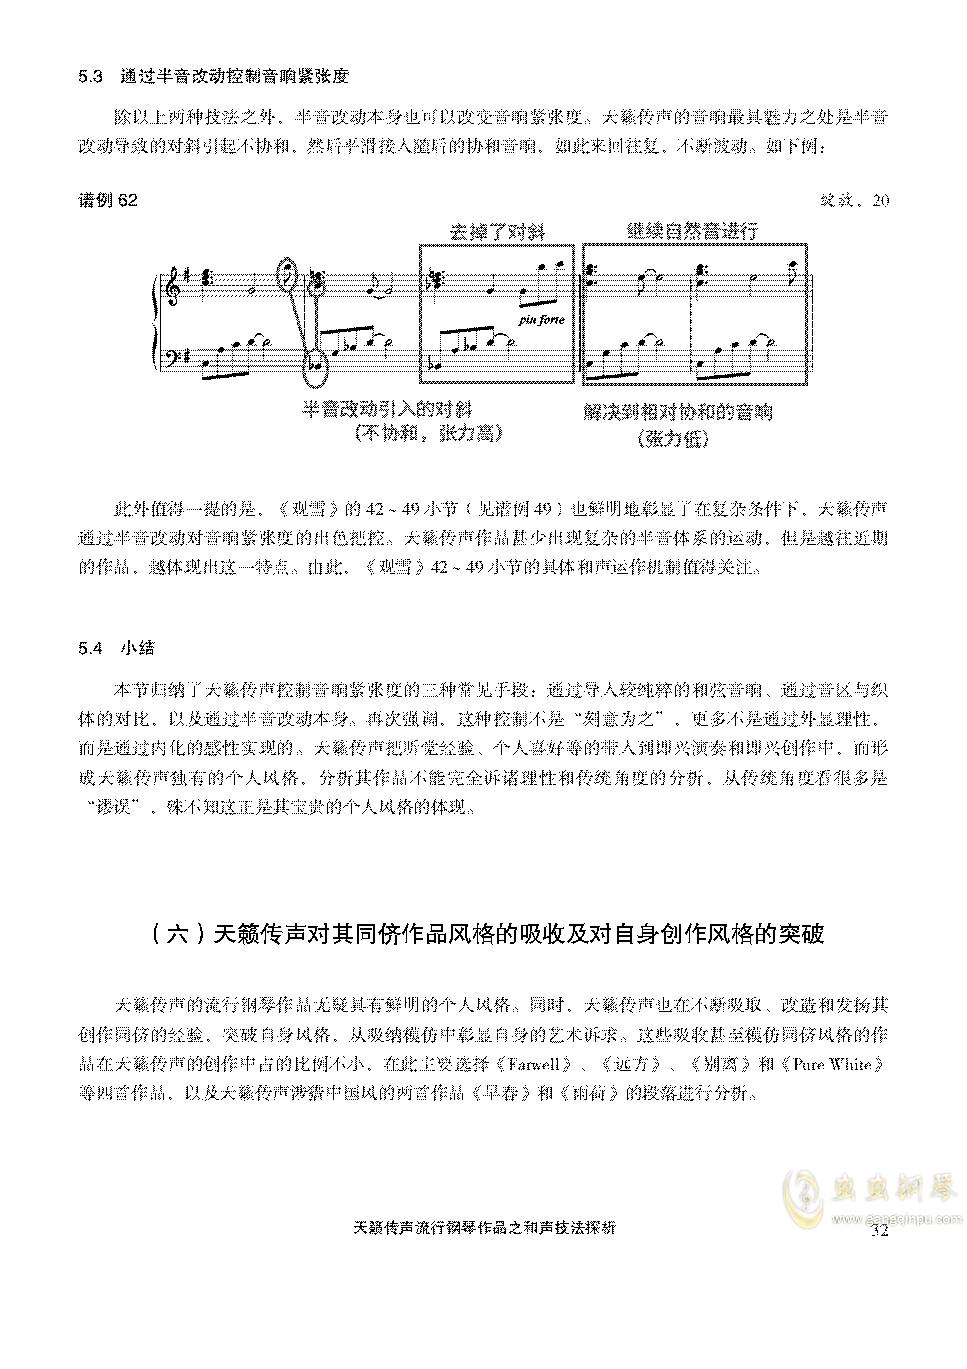 天籁传声和声技法探析钢琴谱 第32页